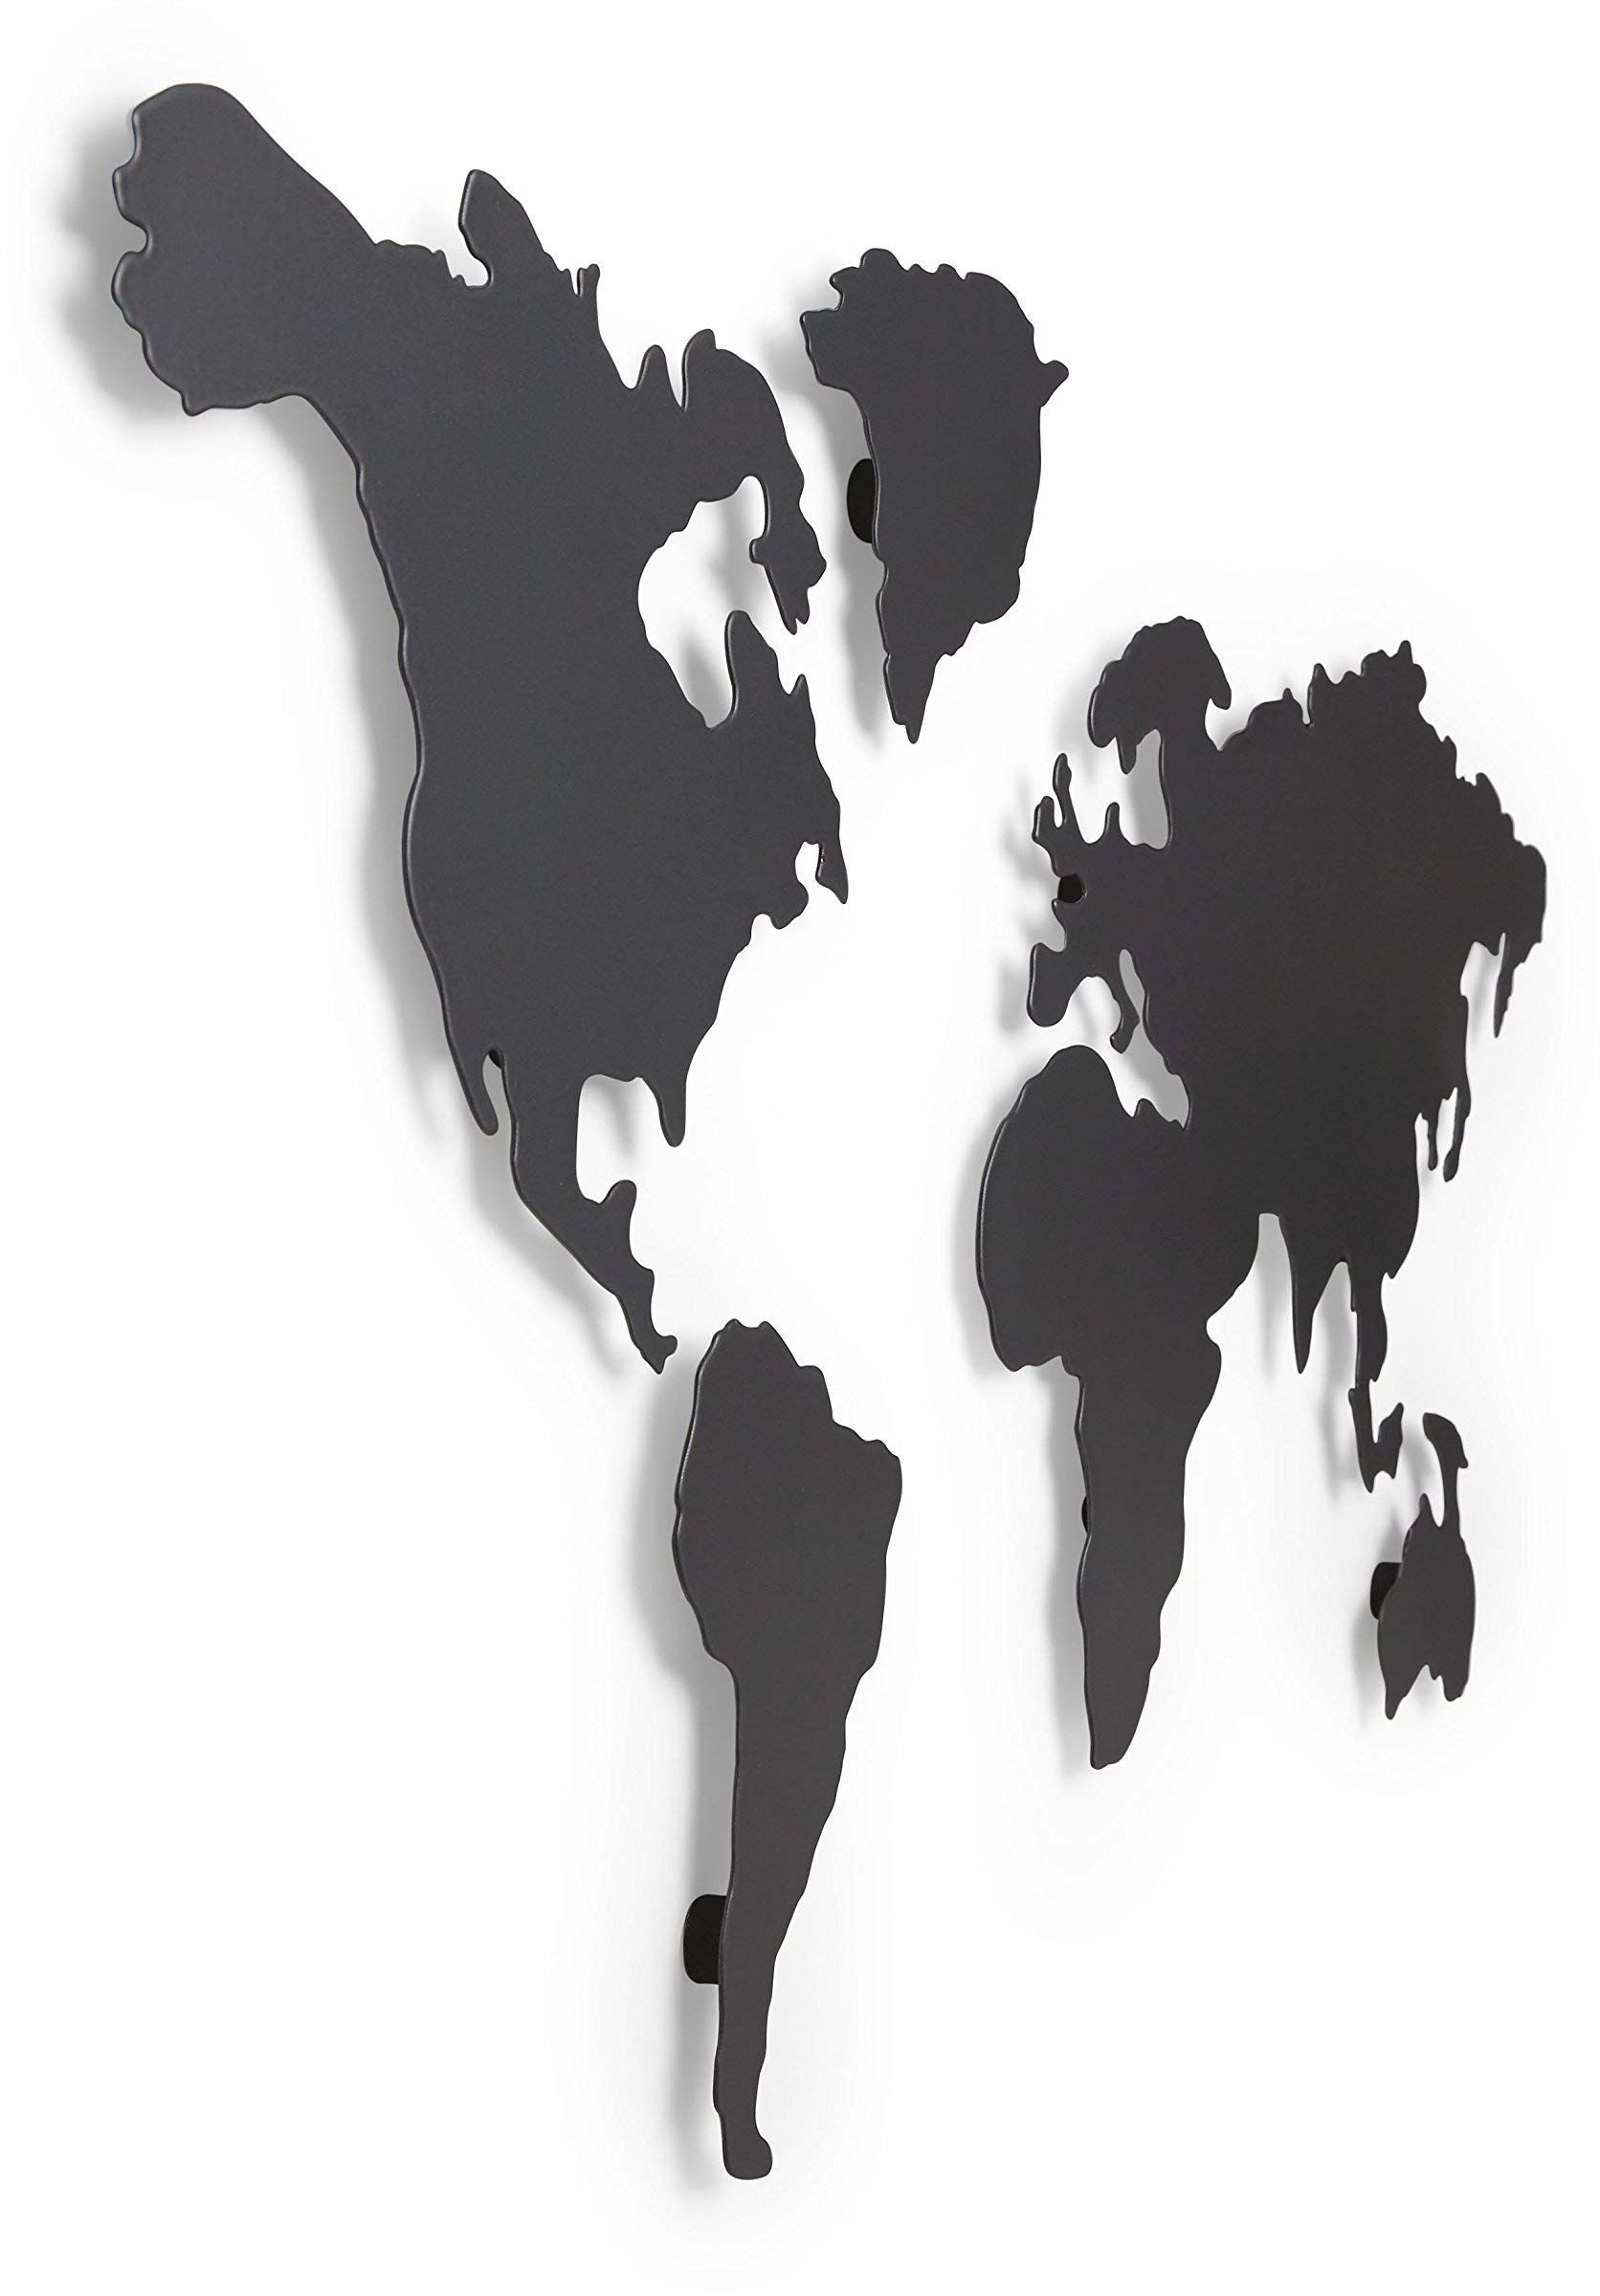 Umbra Mapa dekoracja ścienna ? Mapa tablicy magnetycznej do śledzenia podróży, powlekana tytanem, sztuka ścienna